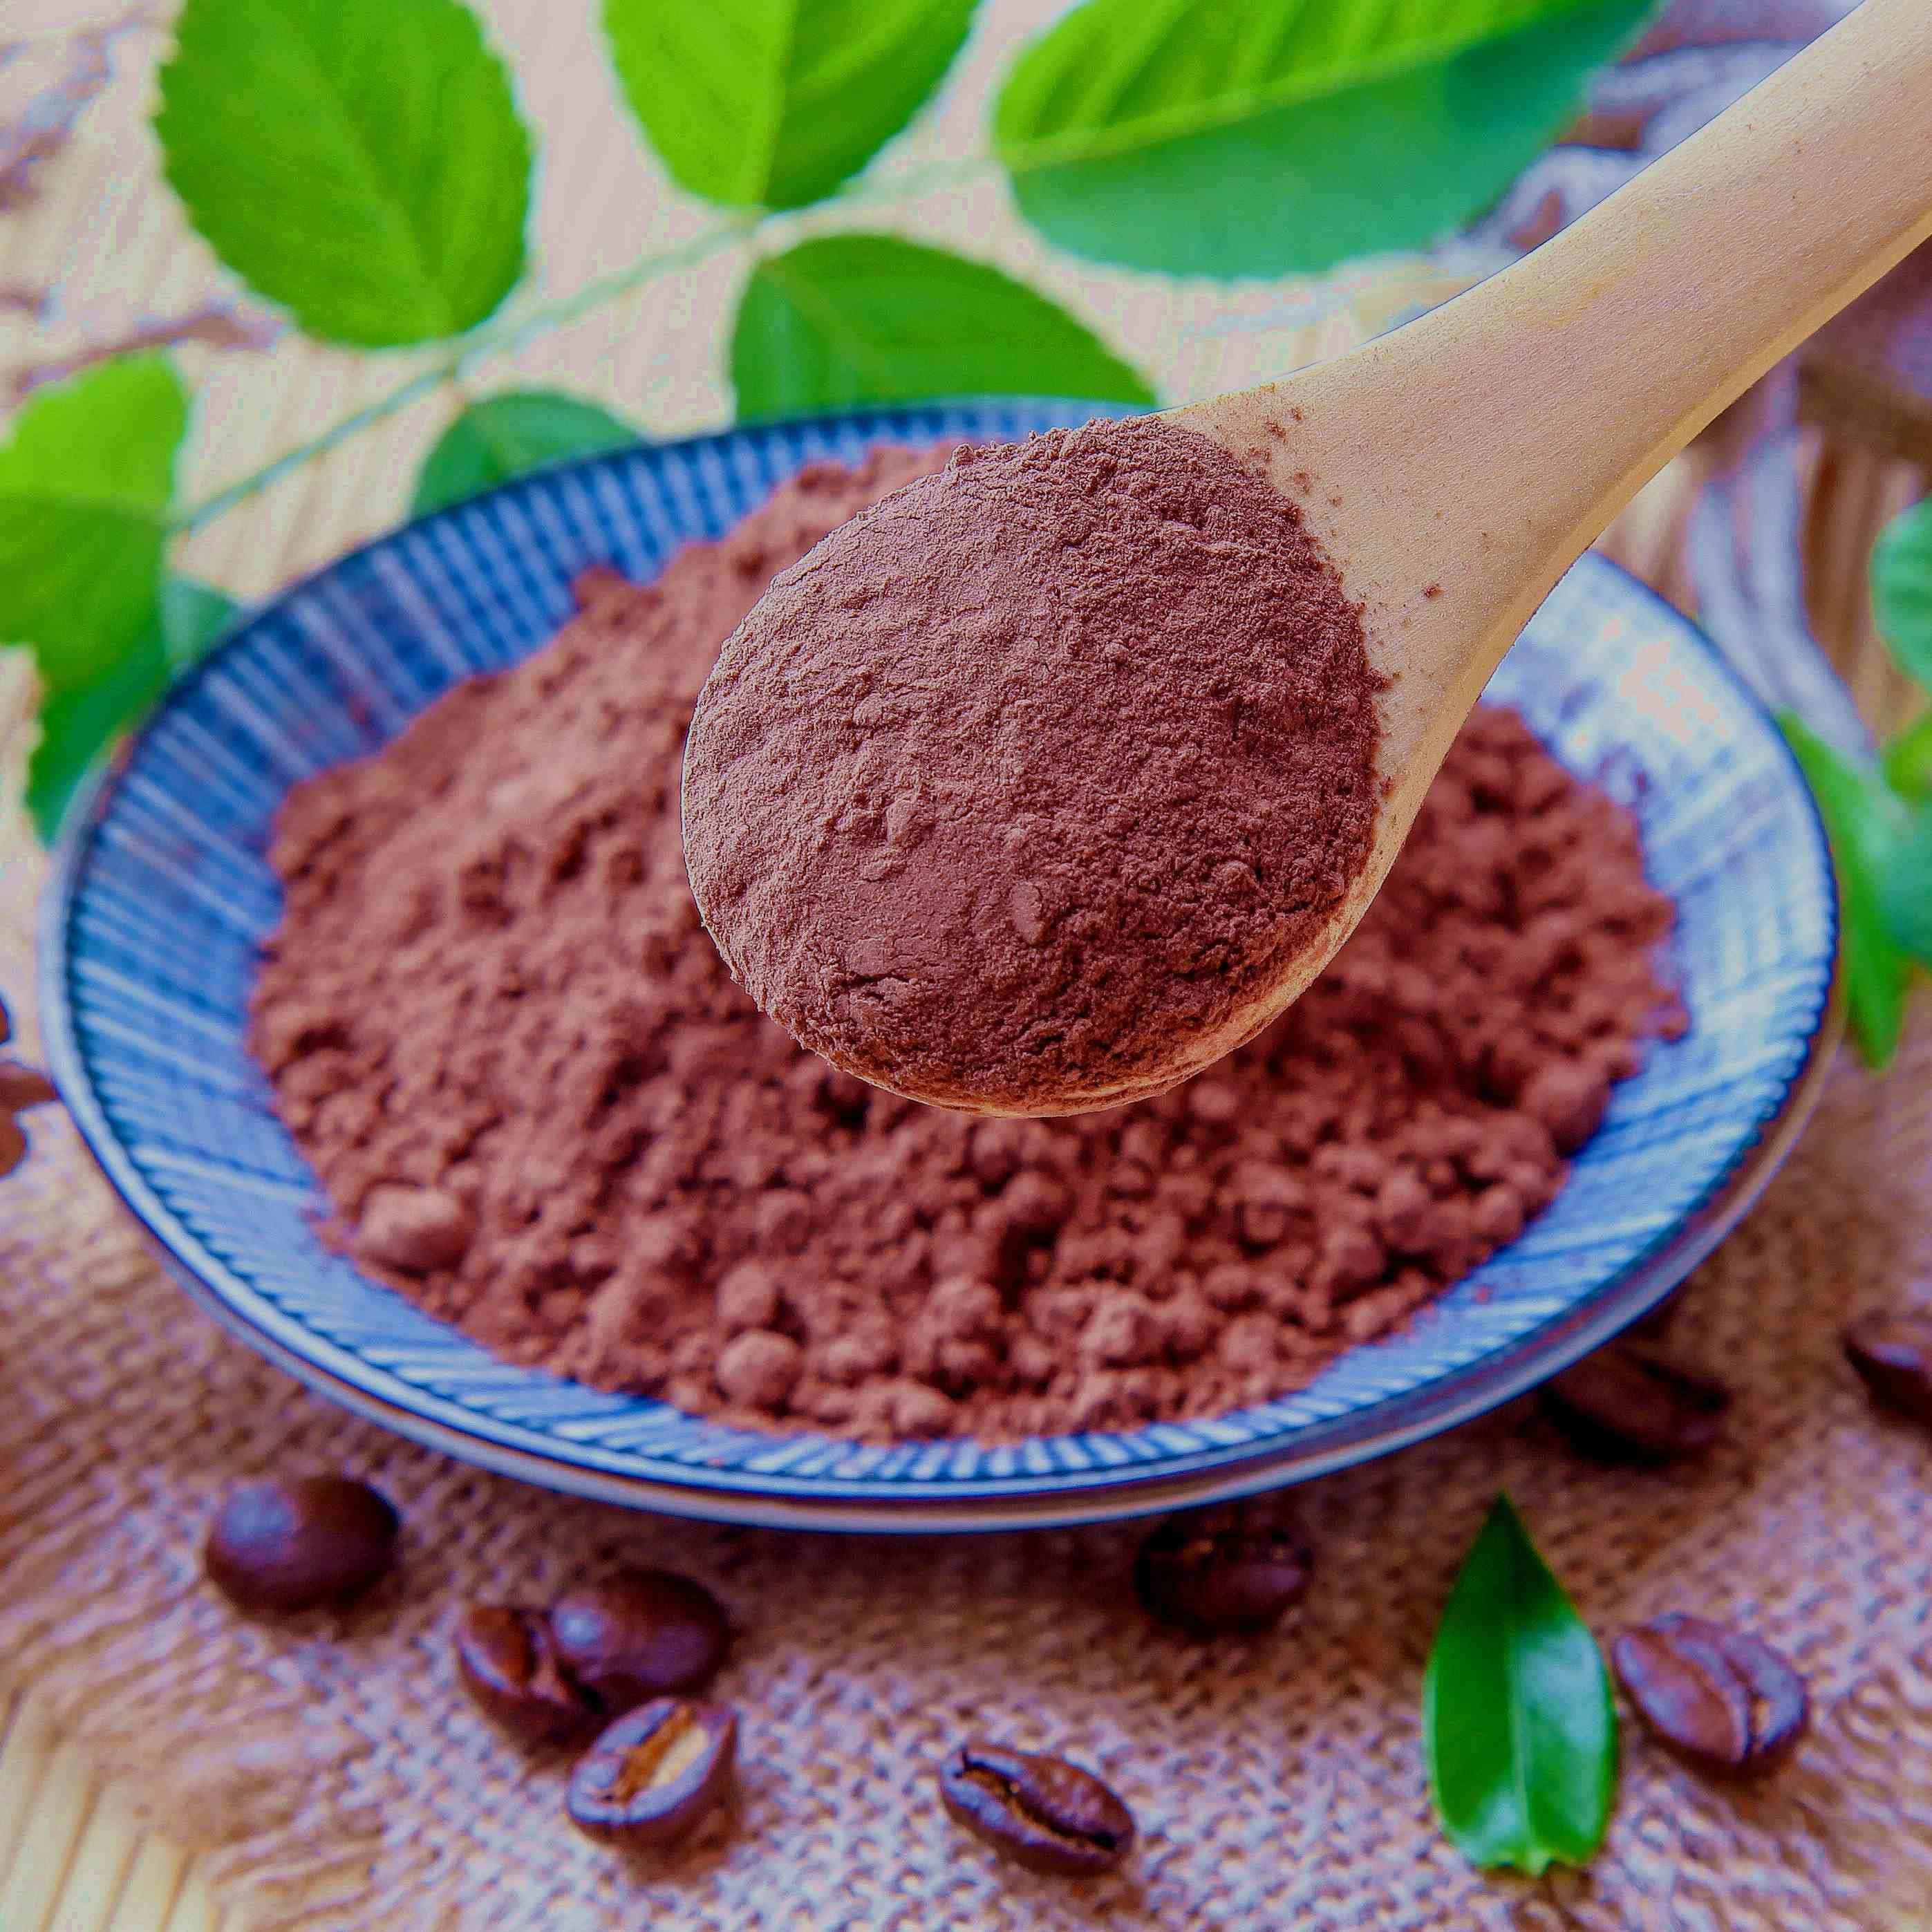 天然果蔬粉纯紫薯南瓜草莓花生红枣抹茶菠菜山楂可可杏仁粉蔬菜粉